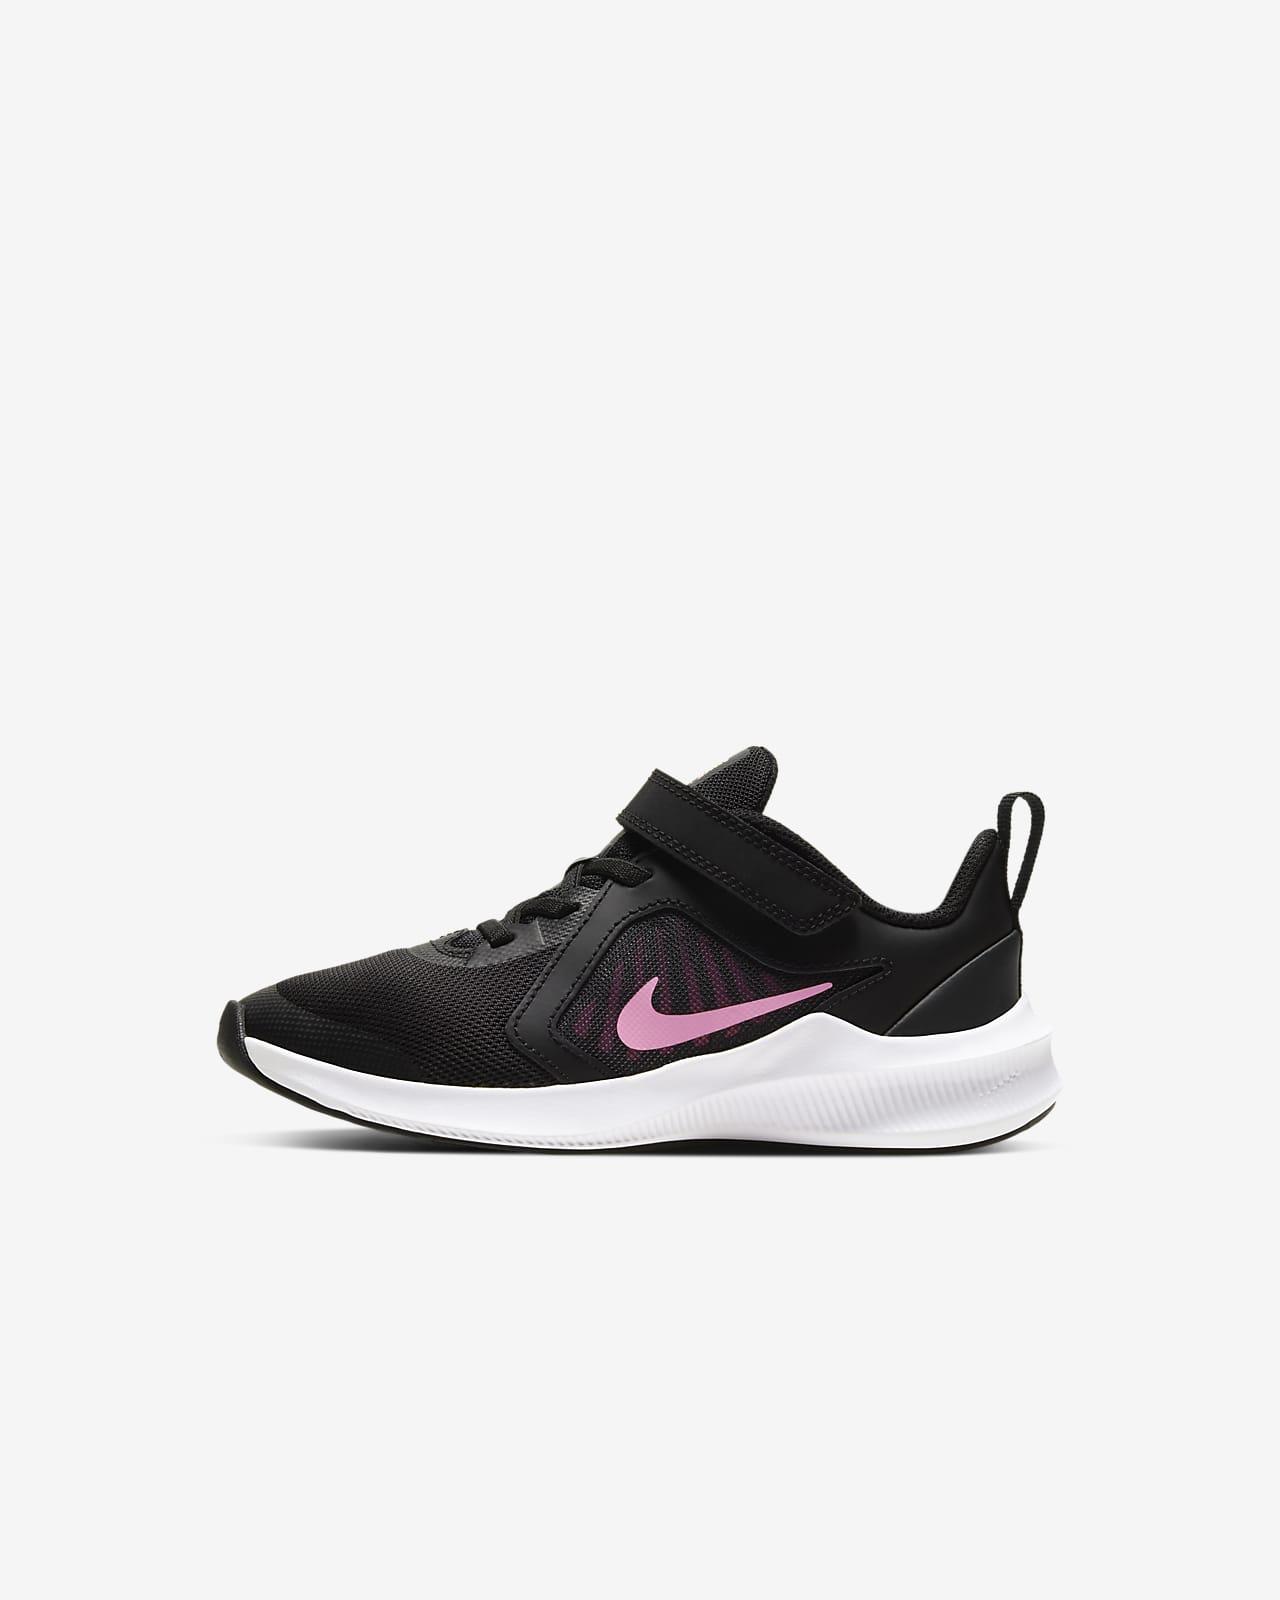 Nike Downshifter 10 Zapatillas - Niño/a pequeño/a